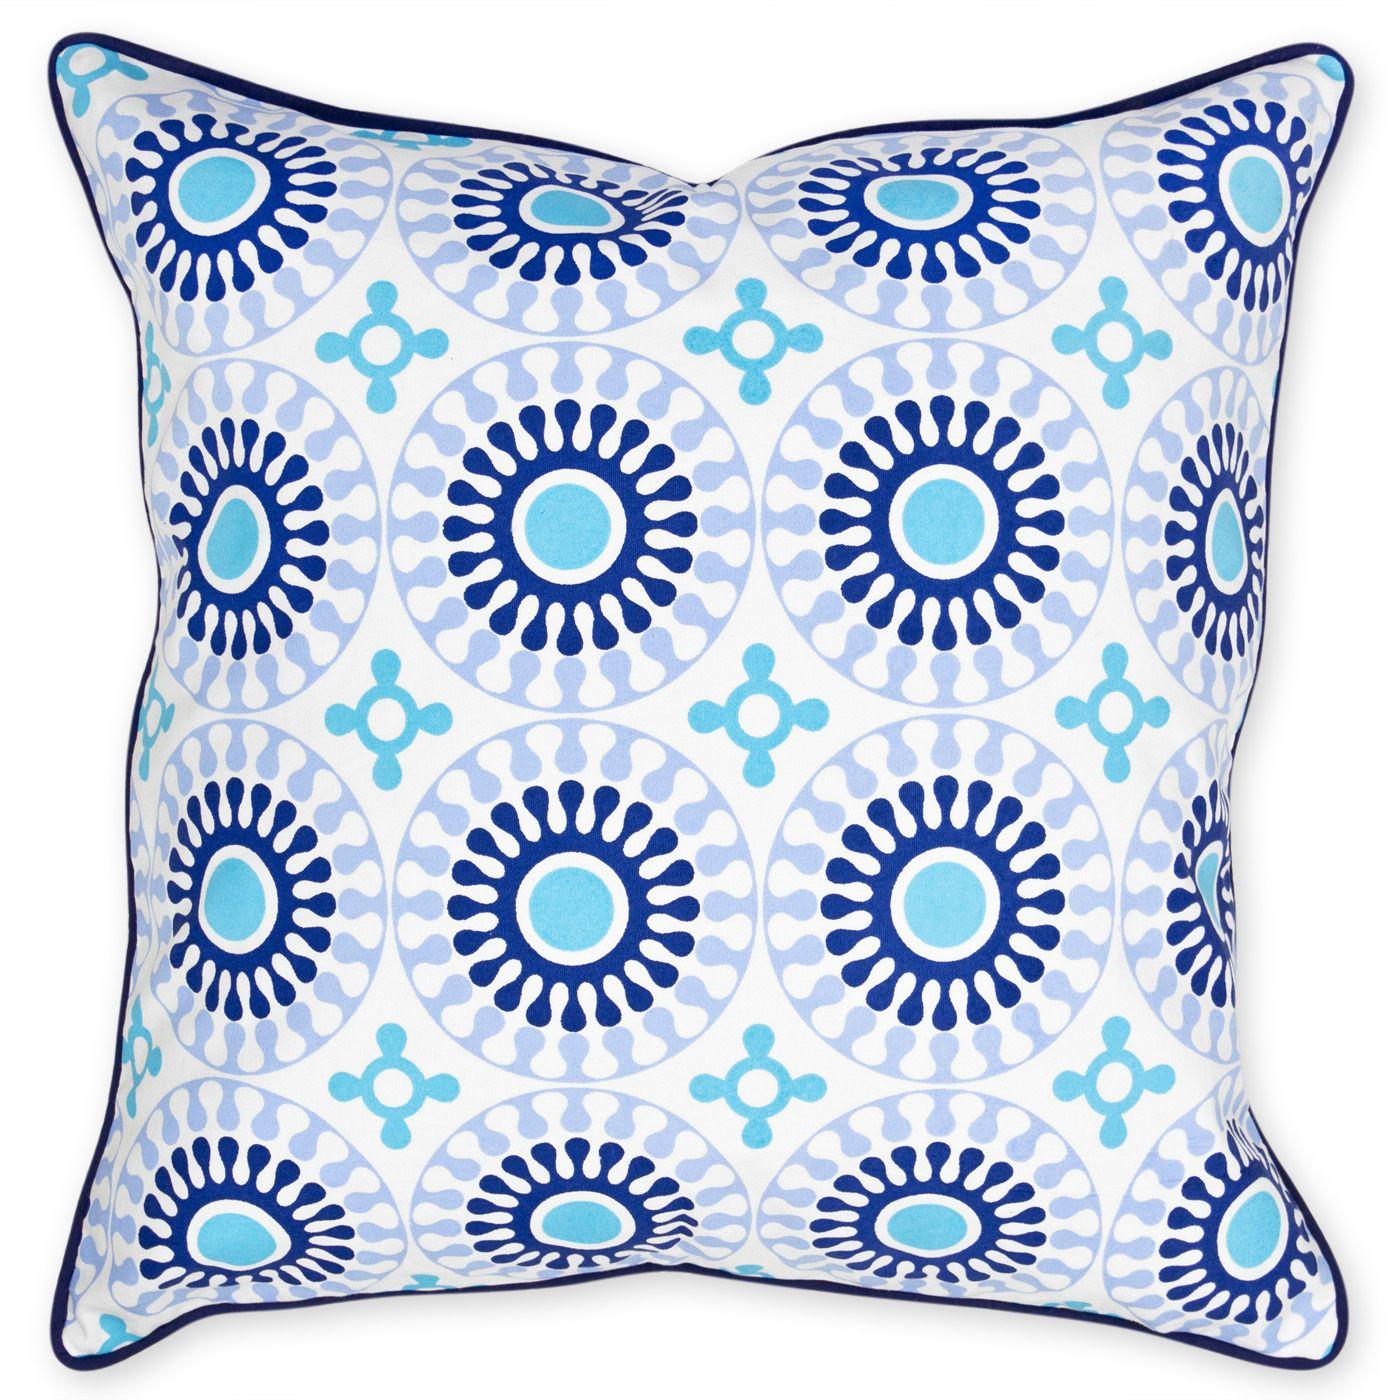 Modern throw pillows bobo medallion printed canvas pillow